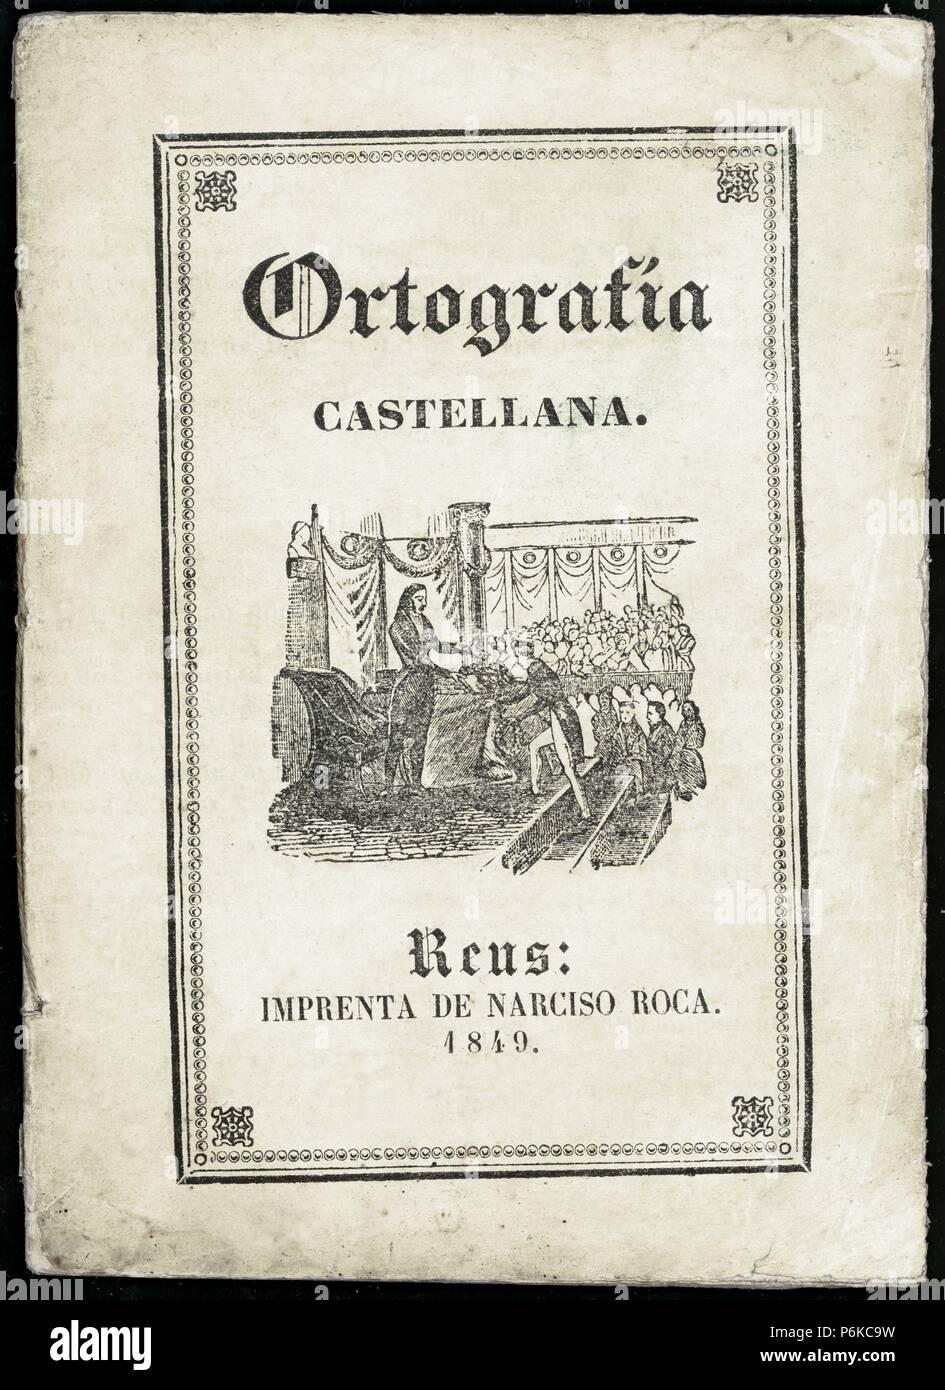 Portada del Manual de Ortografía castellana. Publicado en Reus, 1849. Stock Photo